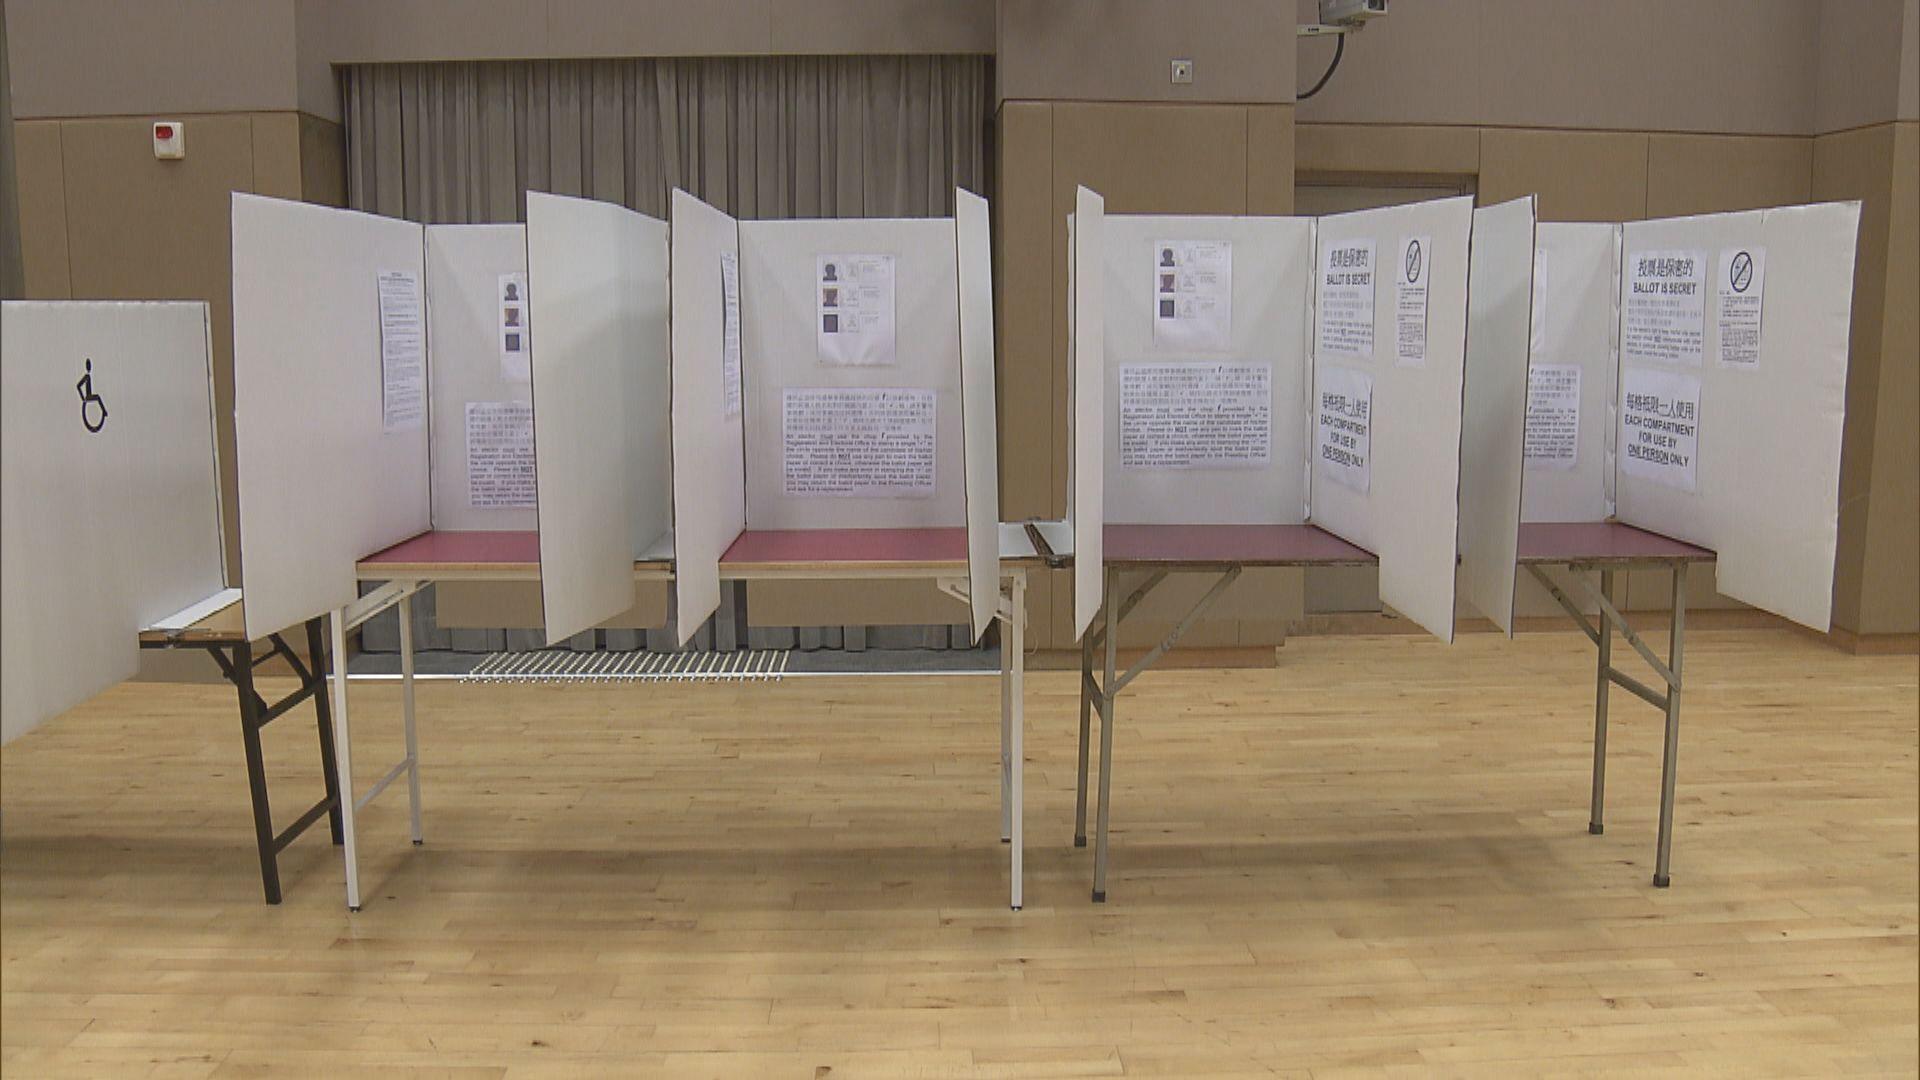 選舉事務處:投票站沒設人面識別系統